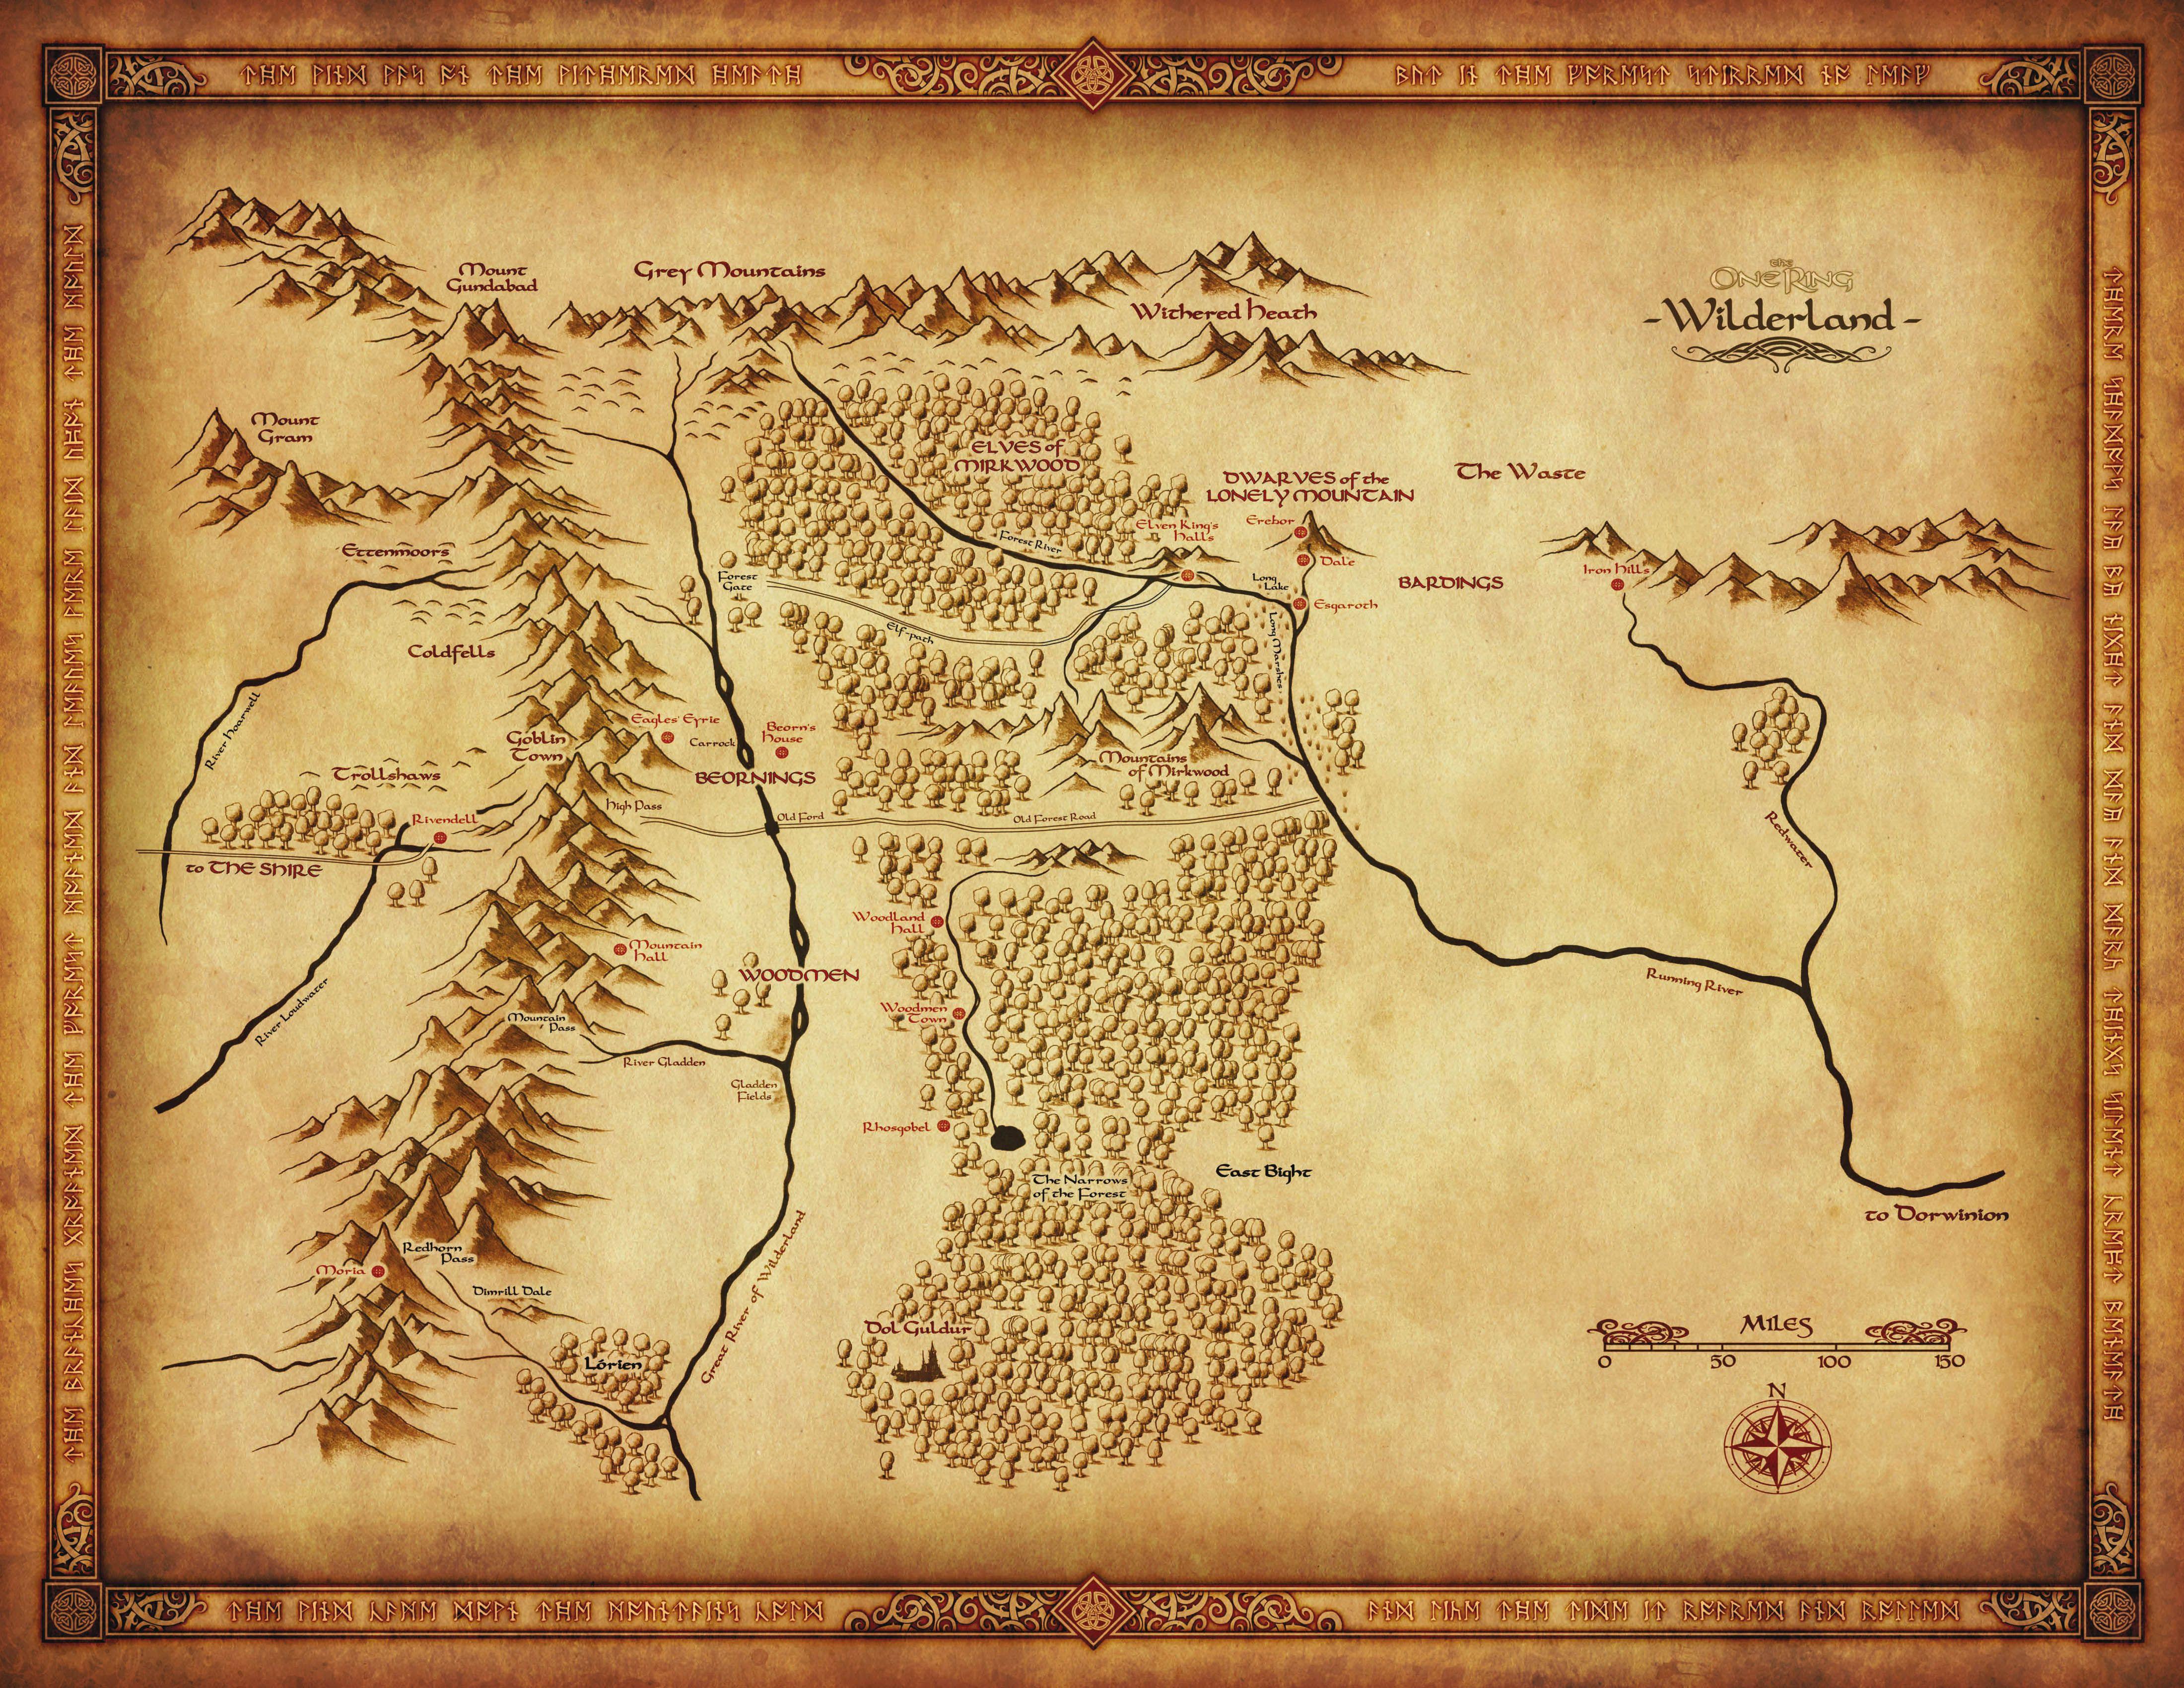 Carte Du Rhovanion Troisieme Age Selon Jrr Tolkien Carte De La Terre Du Milieu Carte Terre Tolkien